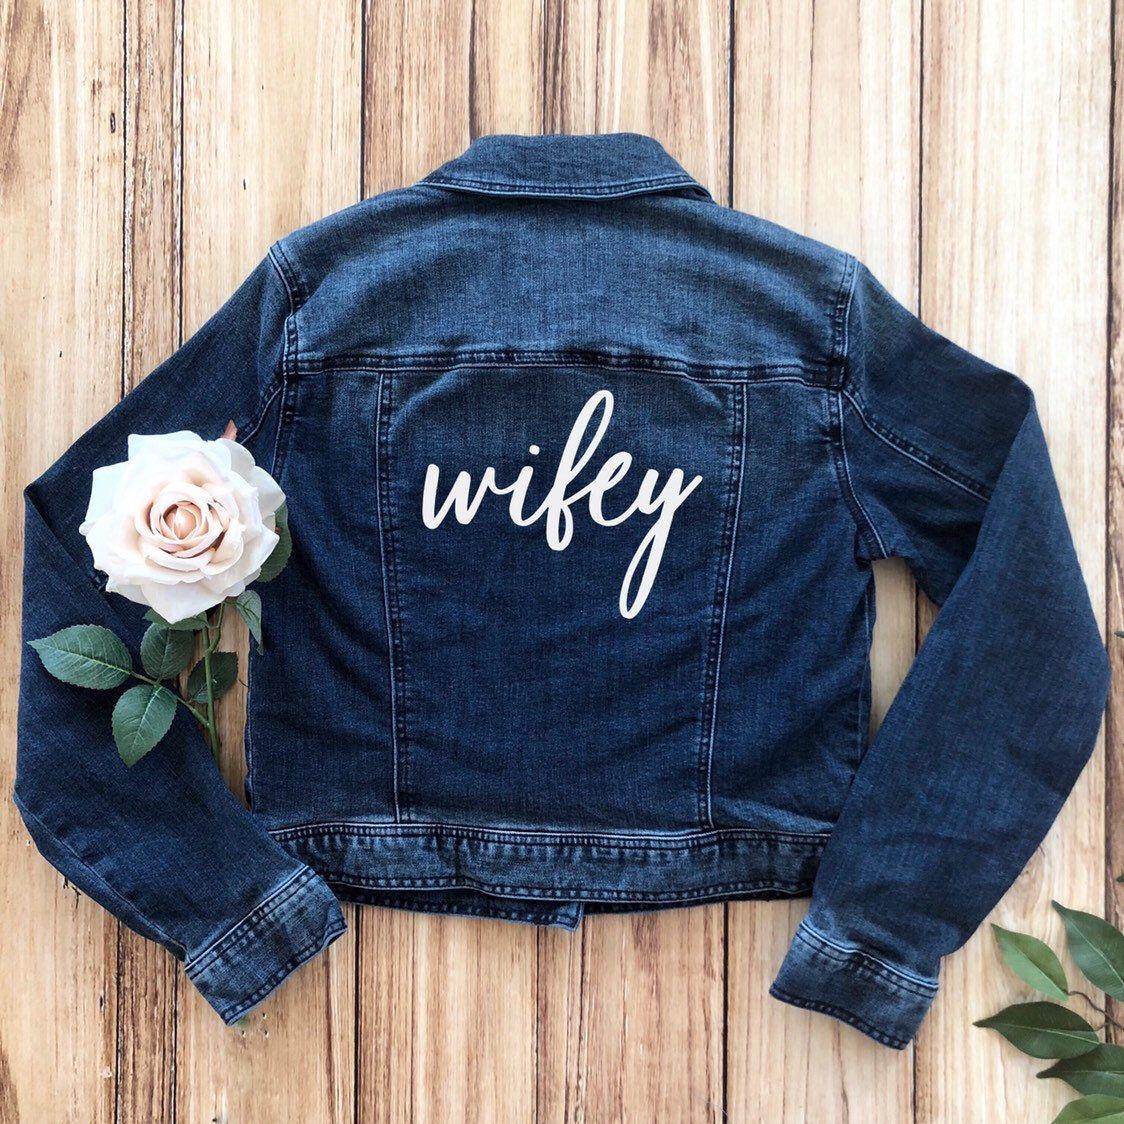 Wifey Denim Jacket Wifey Jean Jacket Bridal Shower Gift Etsy In 2020 Wifey Jacket Denim Jacket Jackets [ 1124 x 1124 Pixel ]